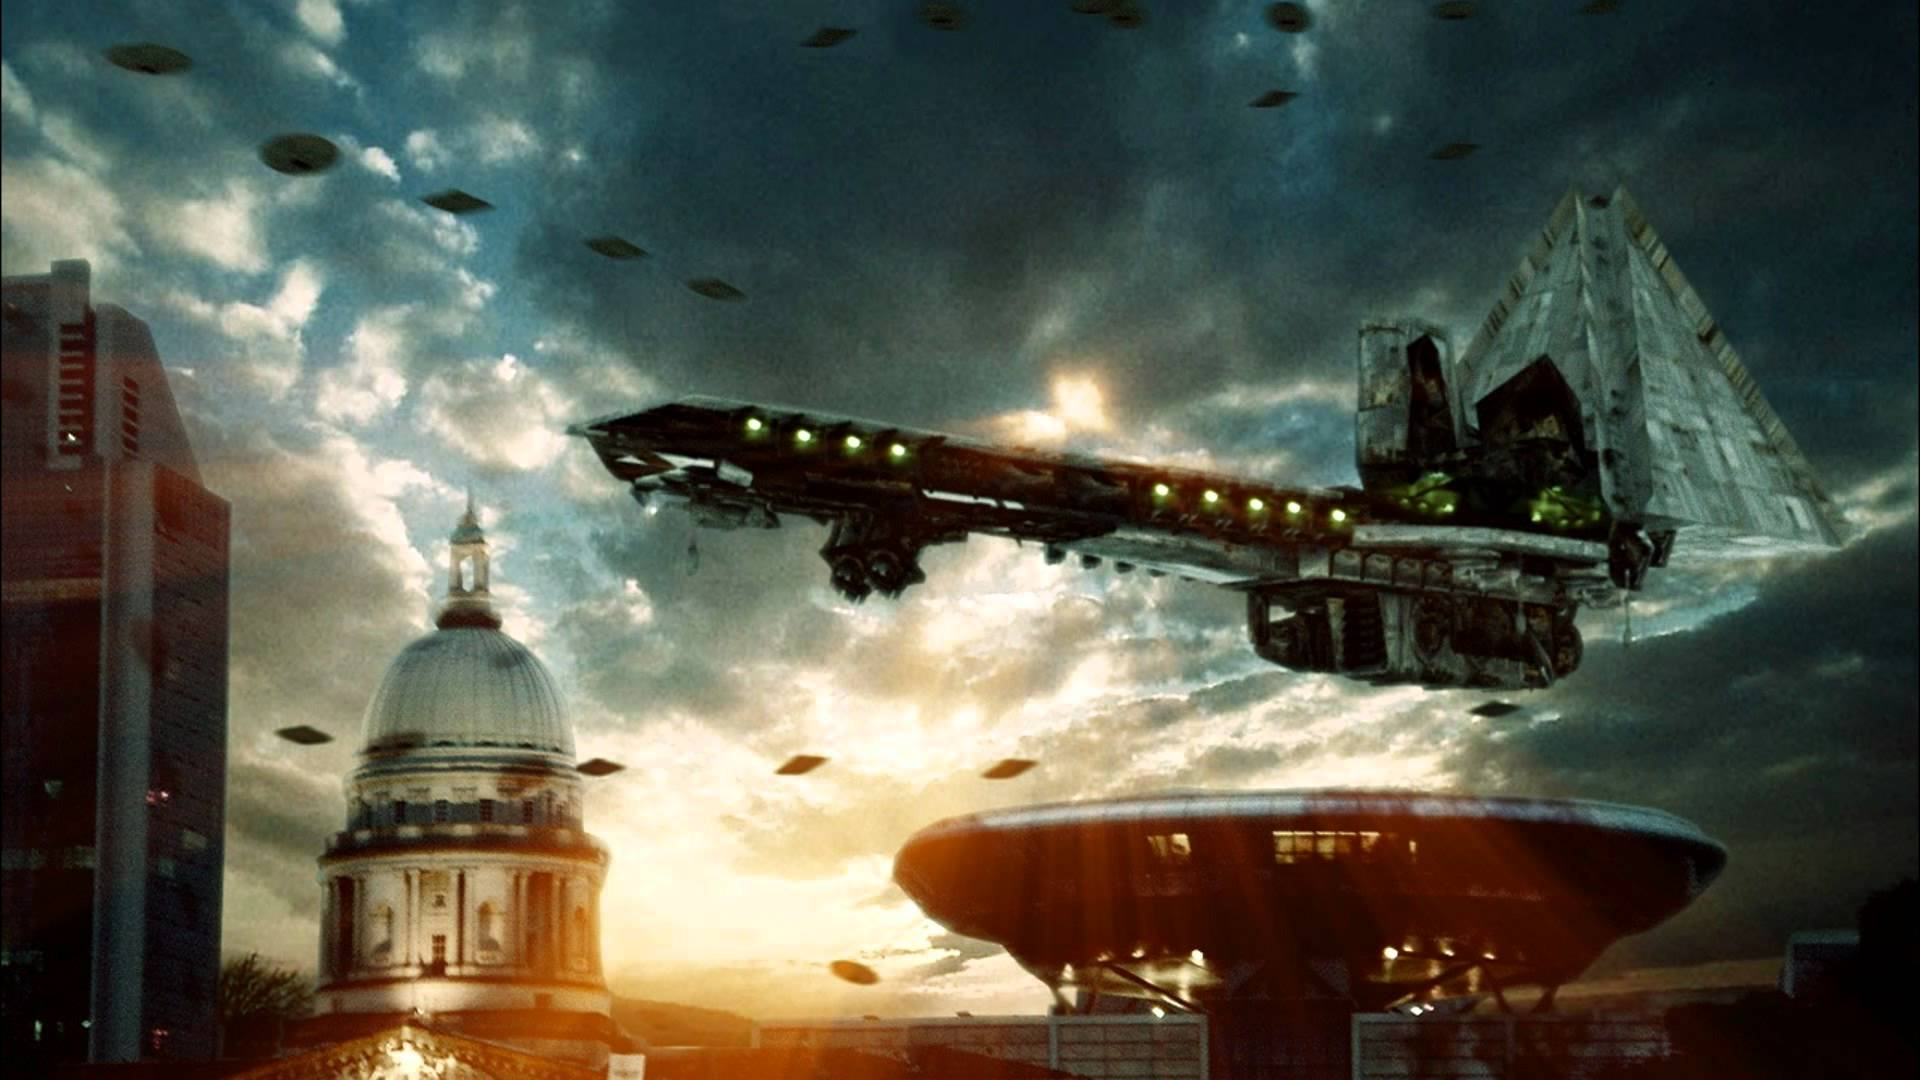 Ruben K - Alien Invasion